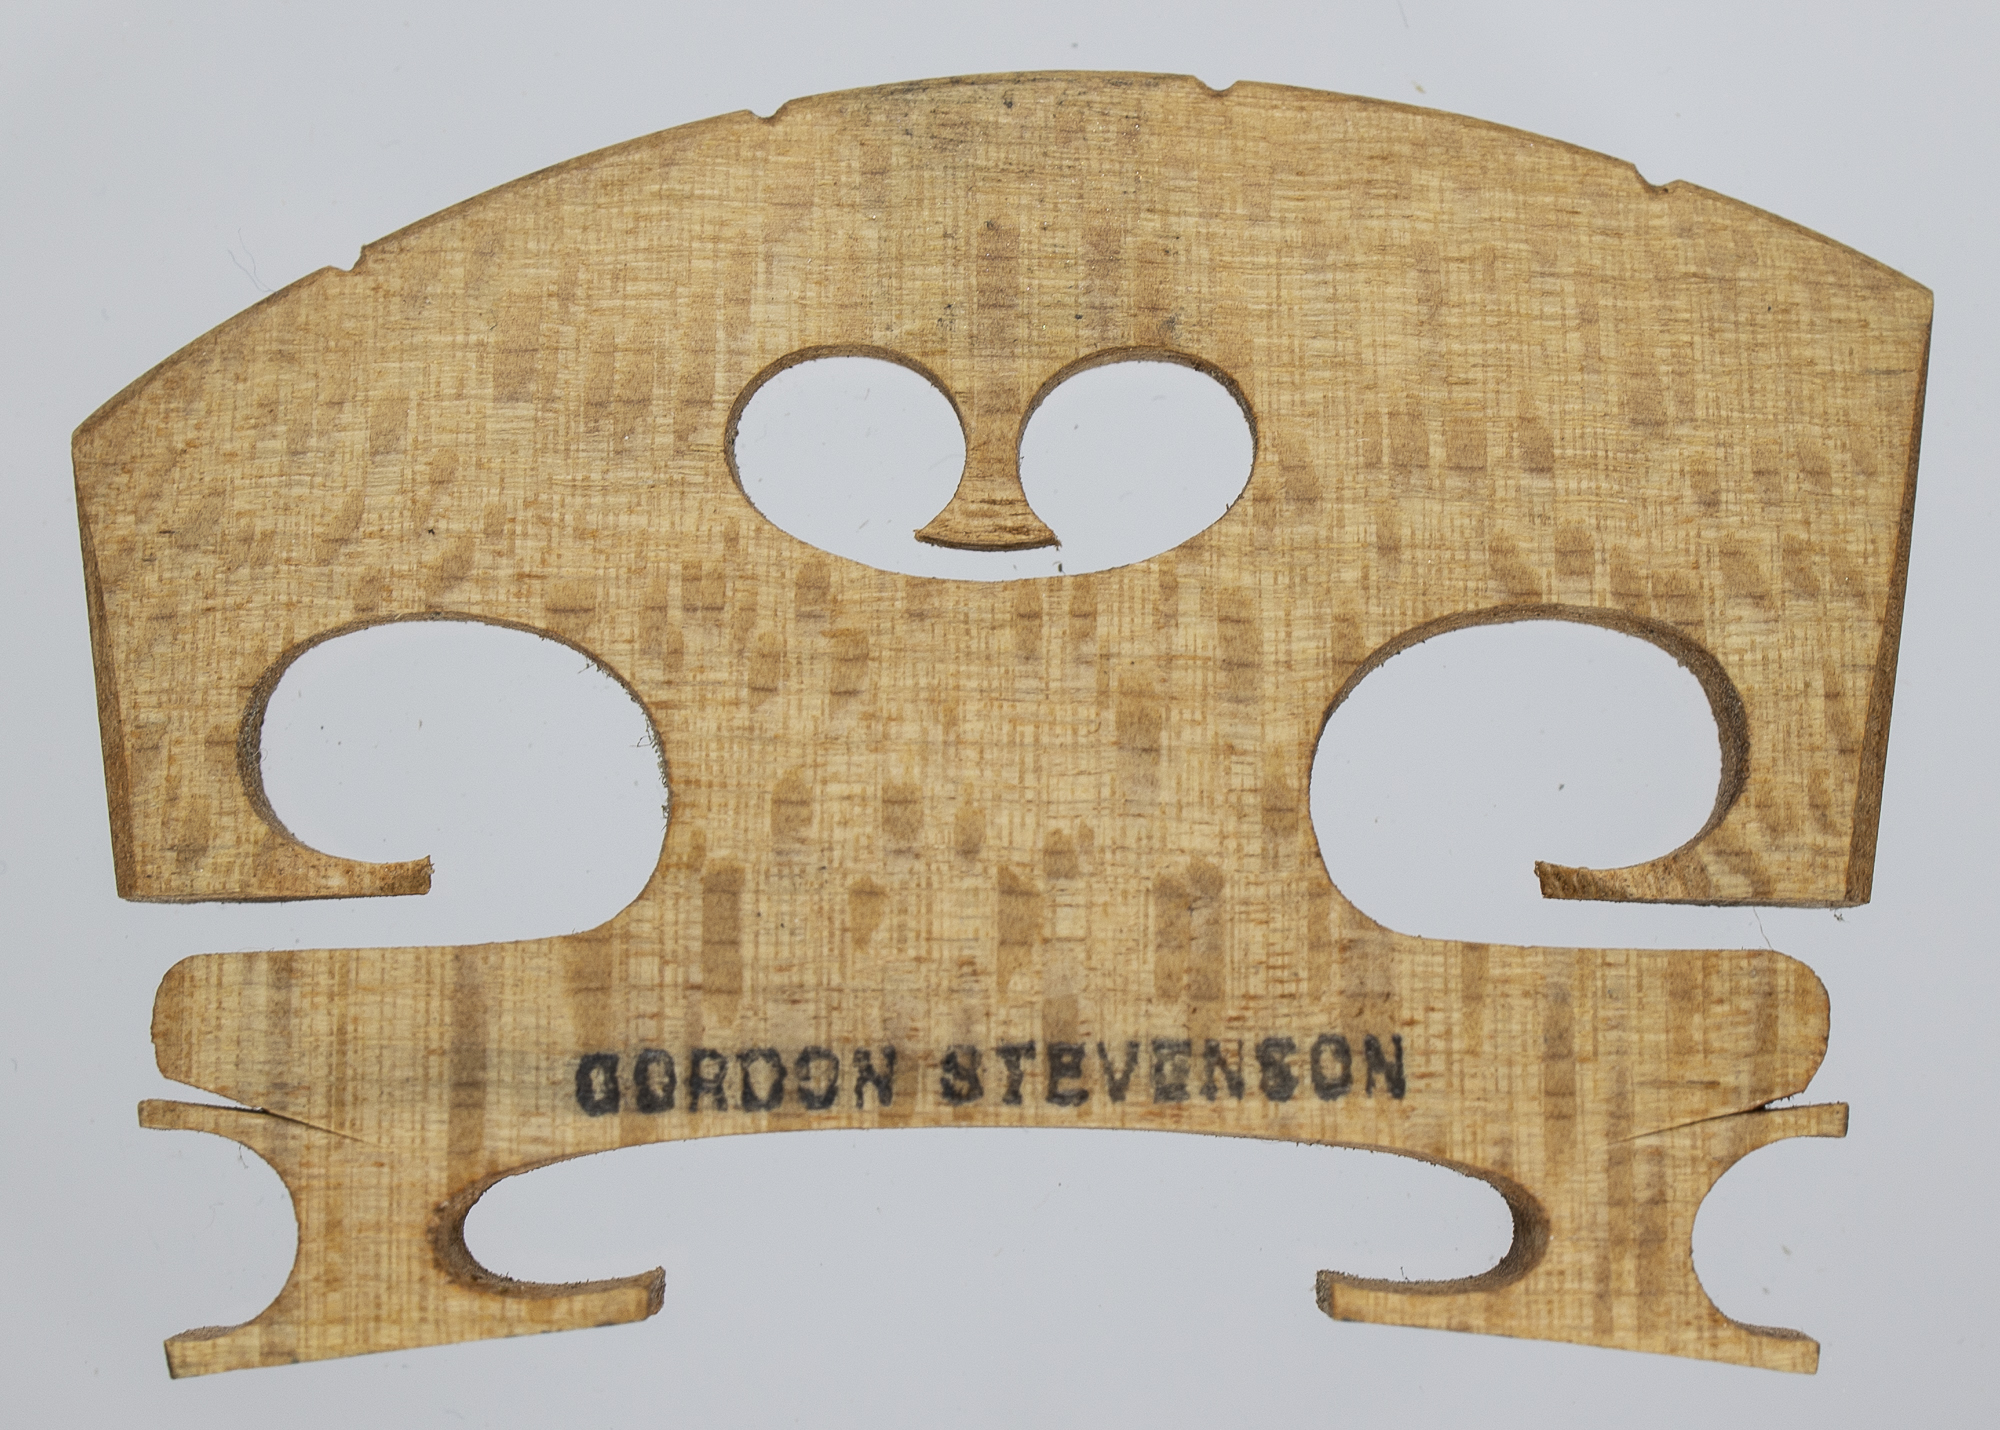 GORDON STEVENSON